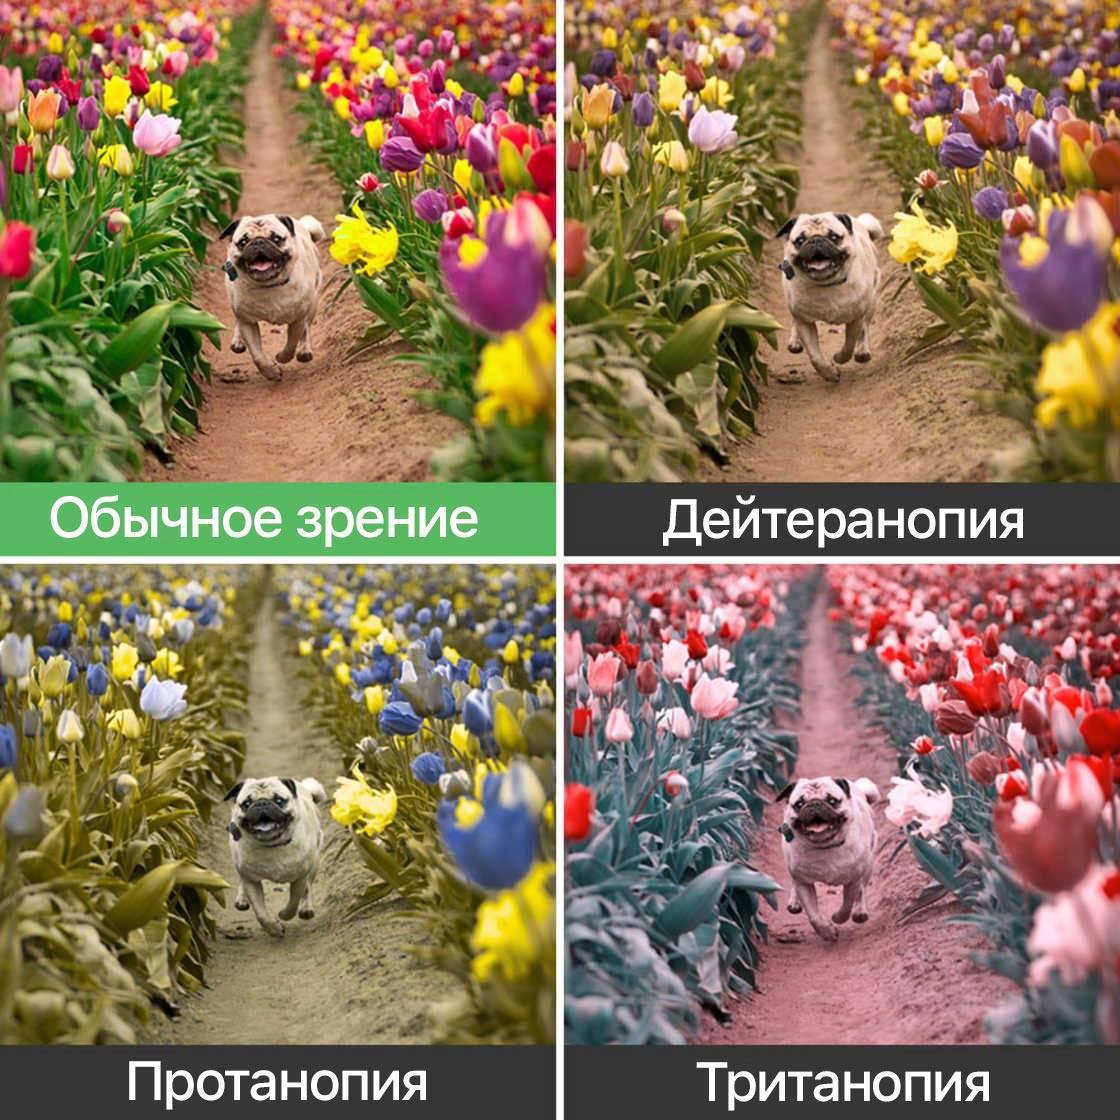 Обратный тест на дальтонизм: только дальтоники могут увидеть, что написано на картинке